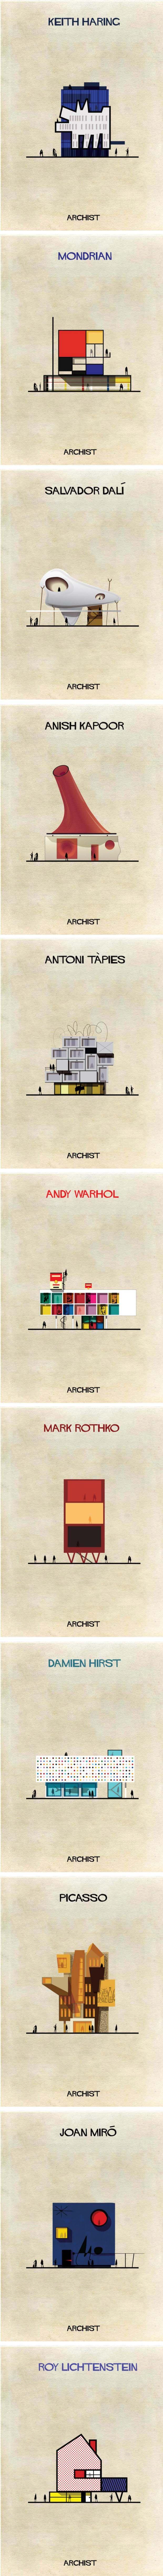 11 Fotos de Cómo Serían las Casas de Artistas Famosos @ www.elmemeno.com